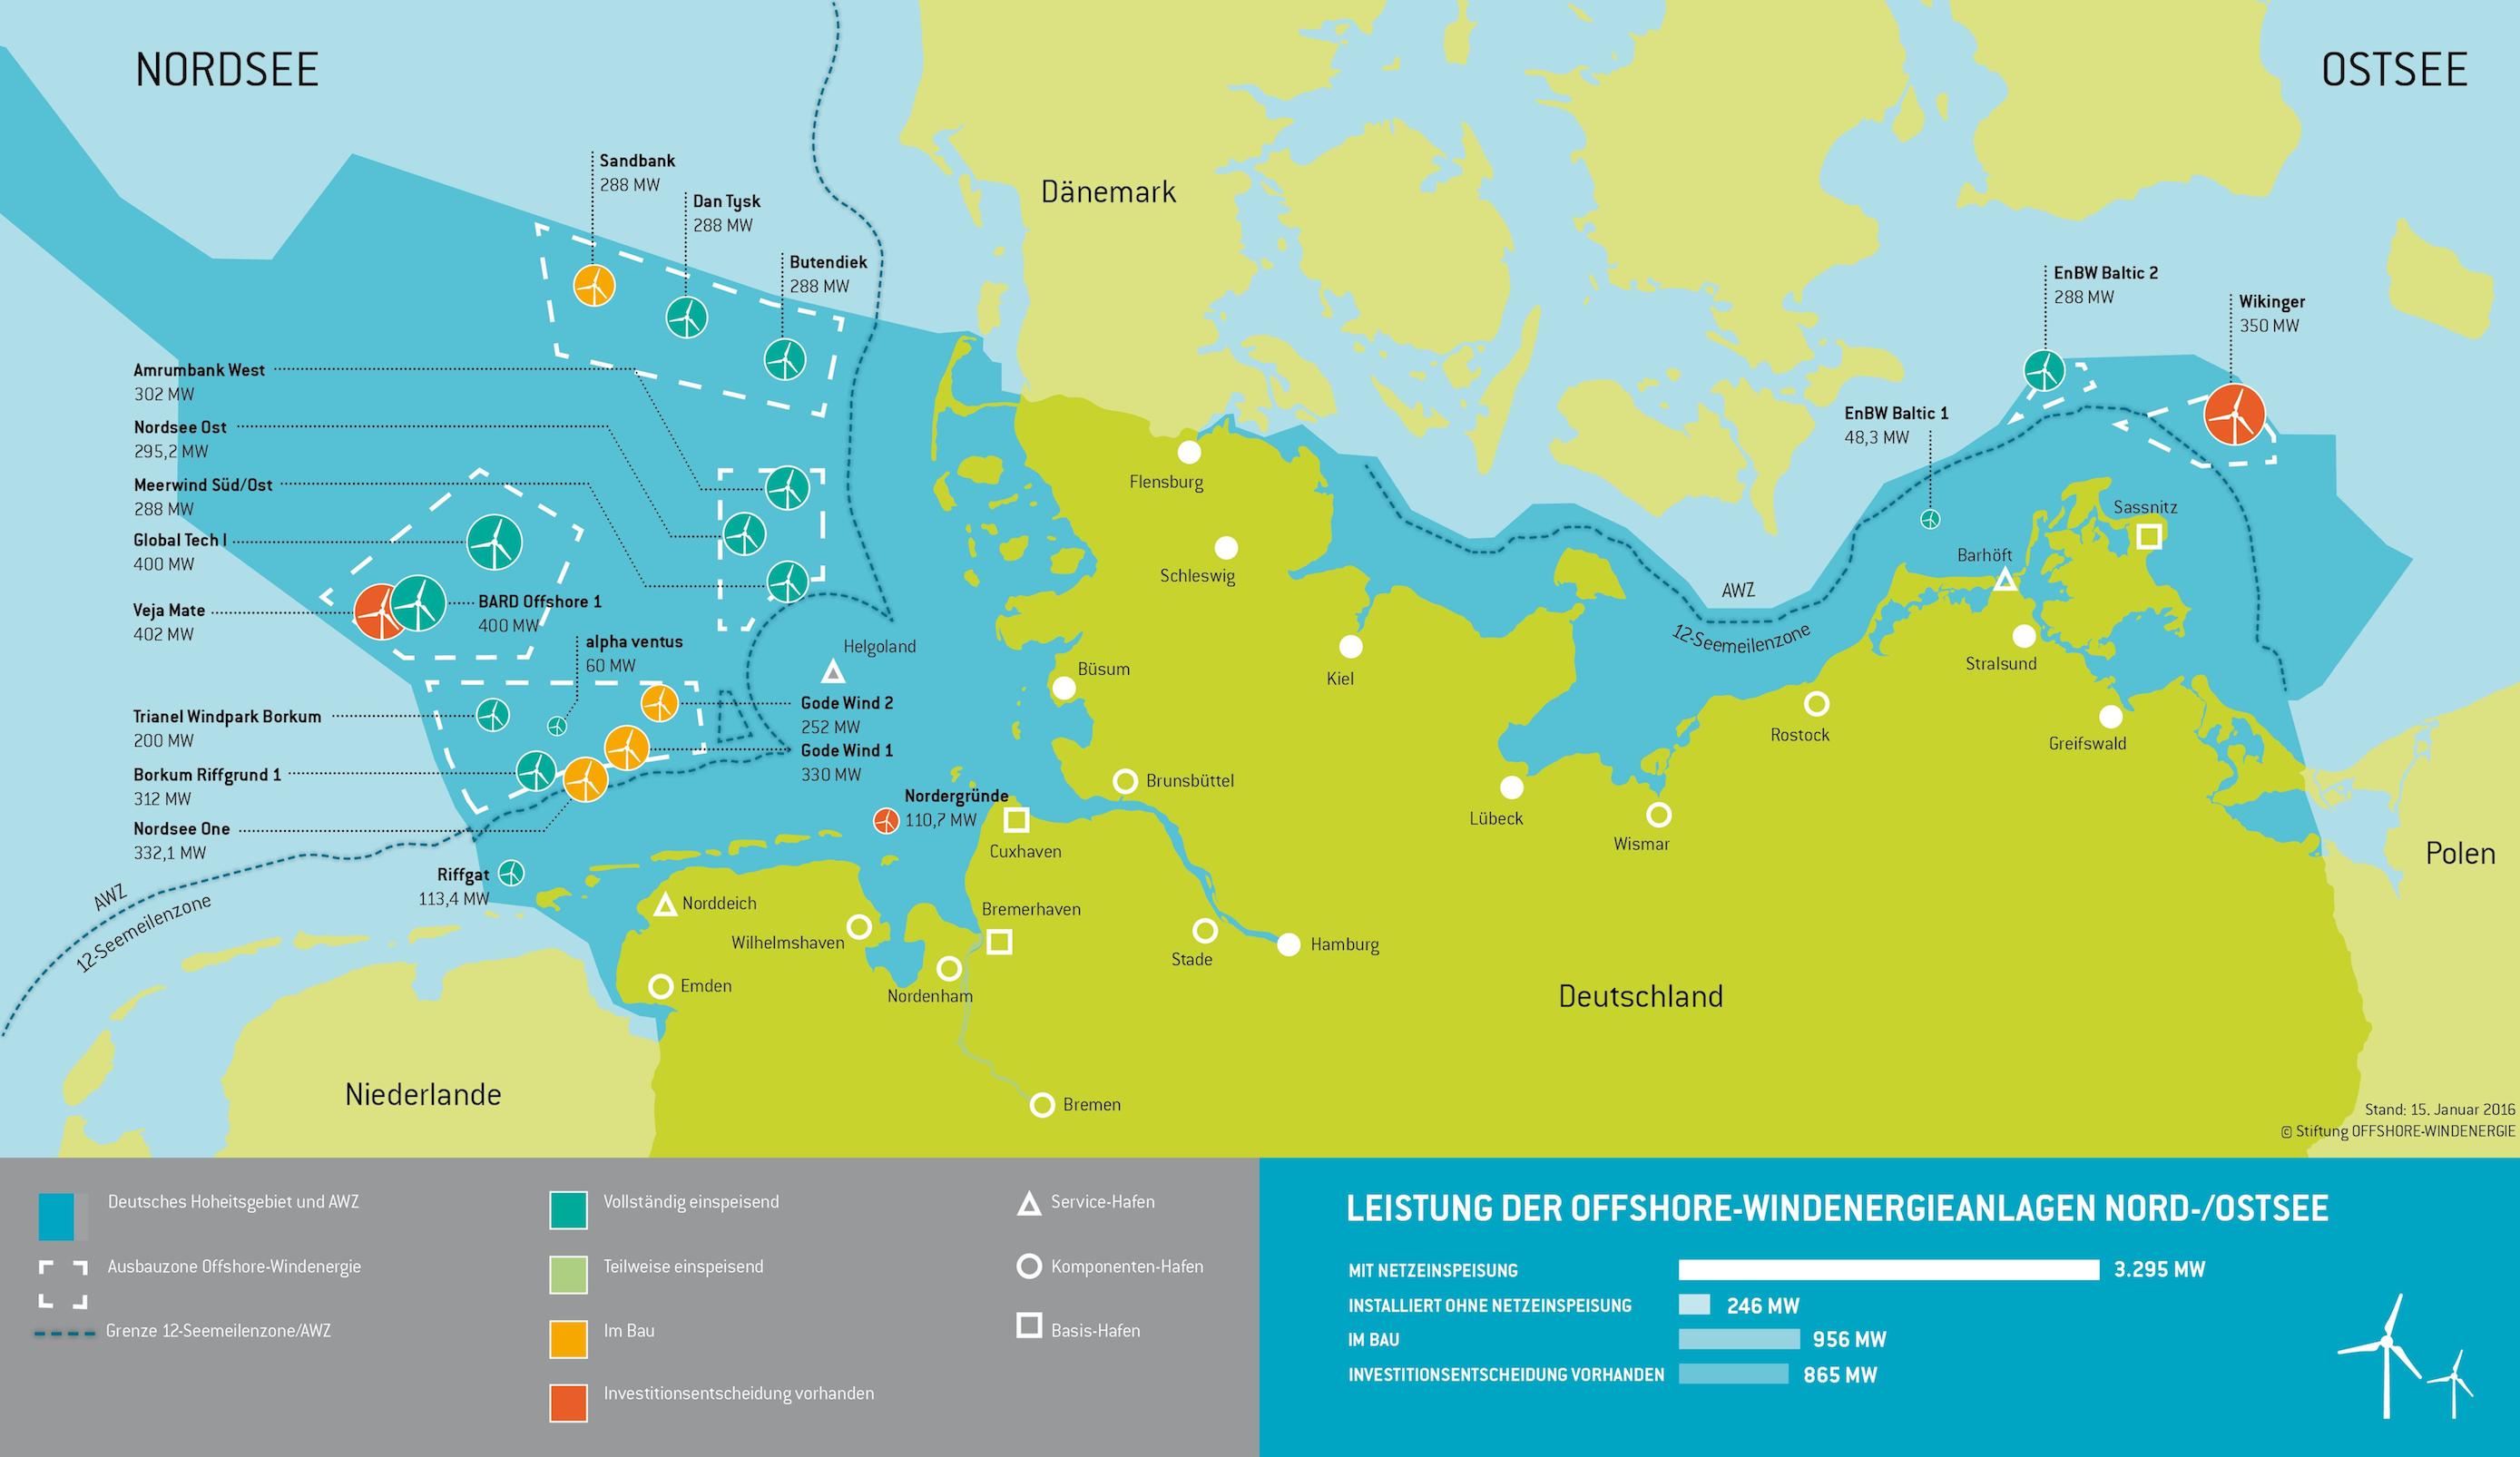 2015 gingen neun Windparks ans Netz: acht in der Nordsee, einer in der Ostsee.